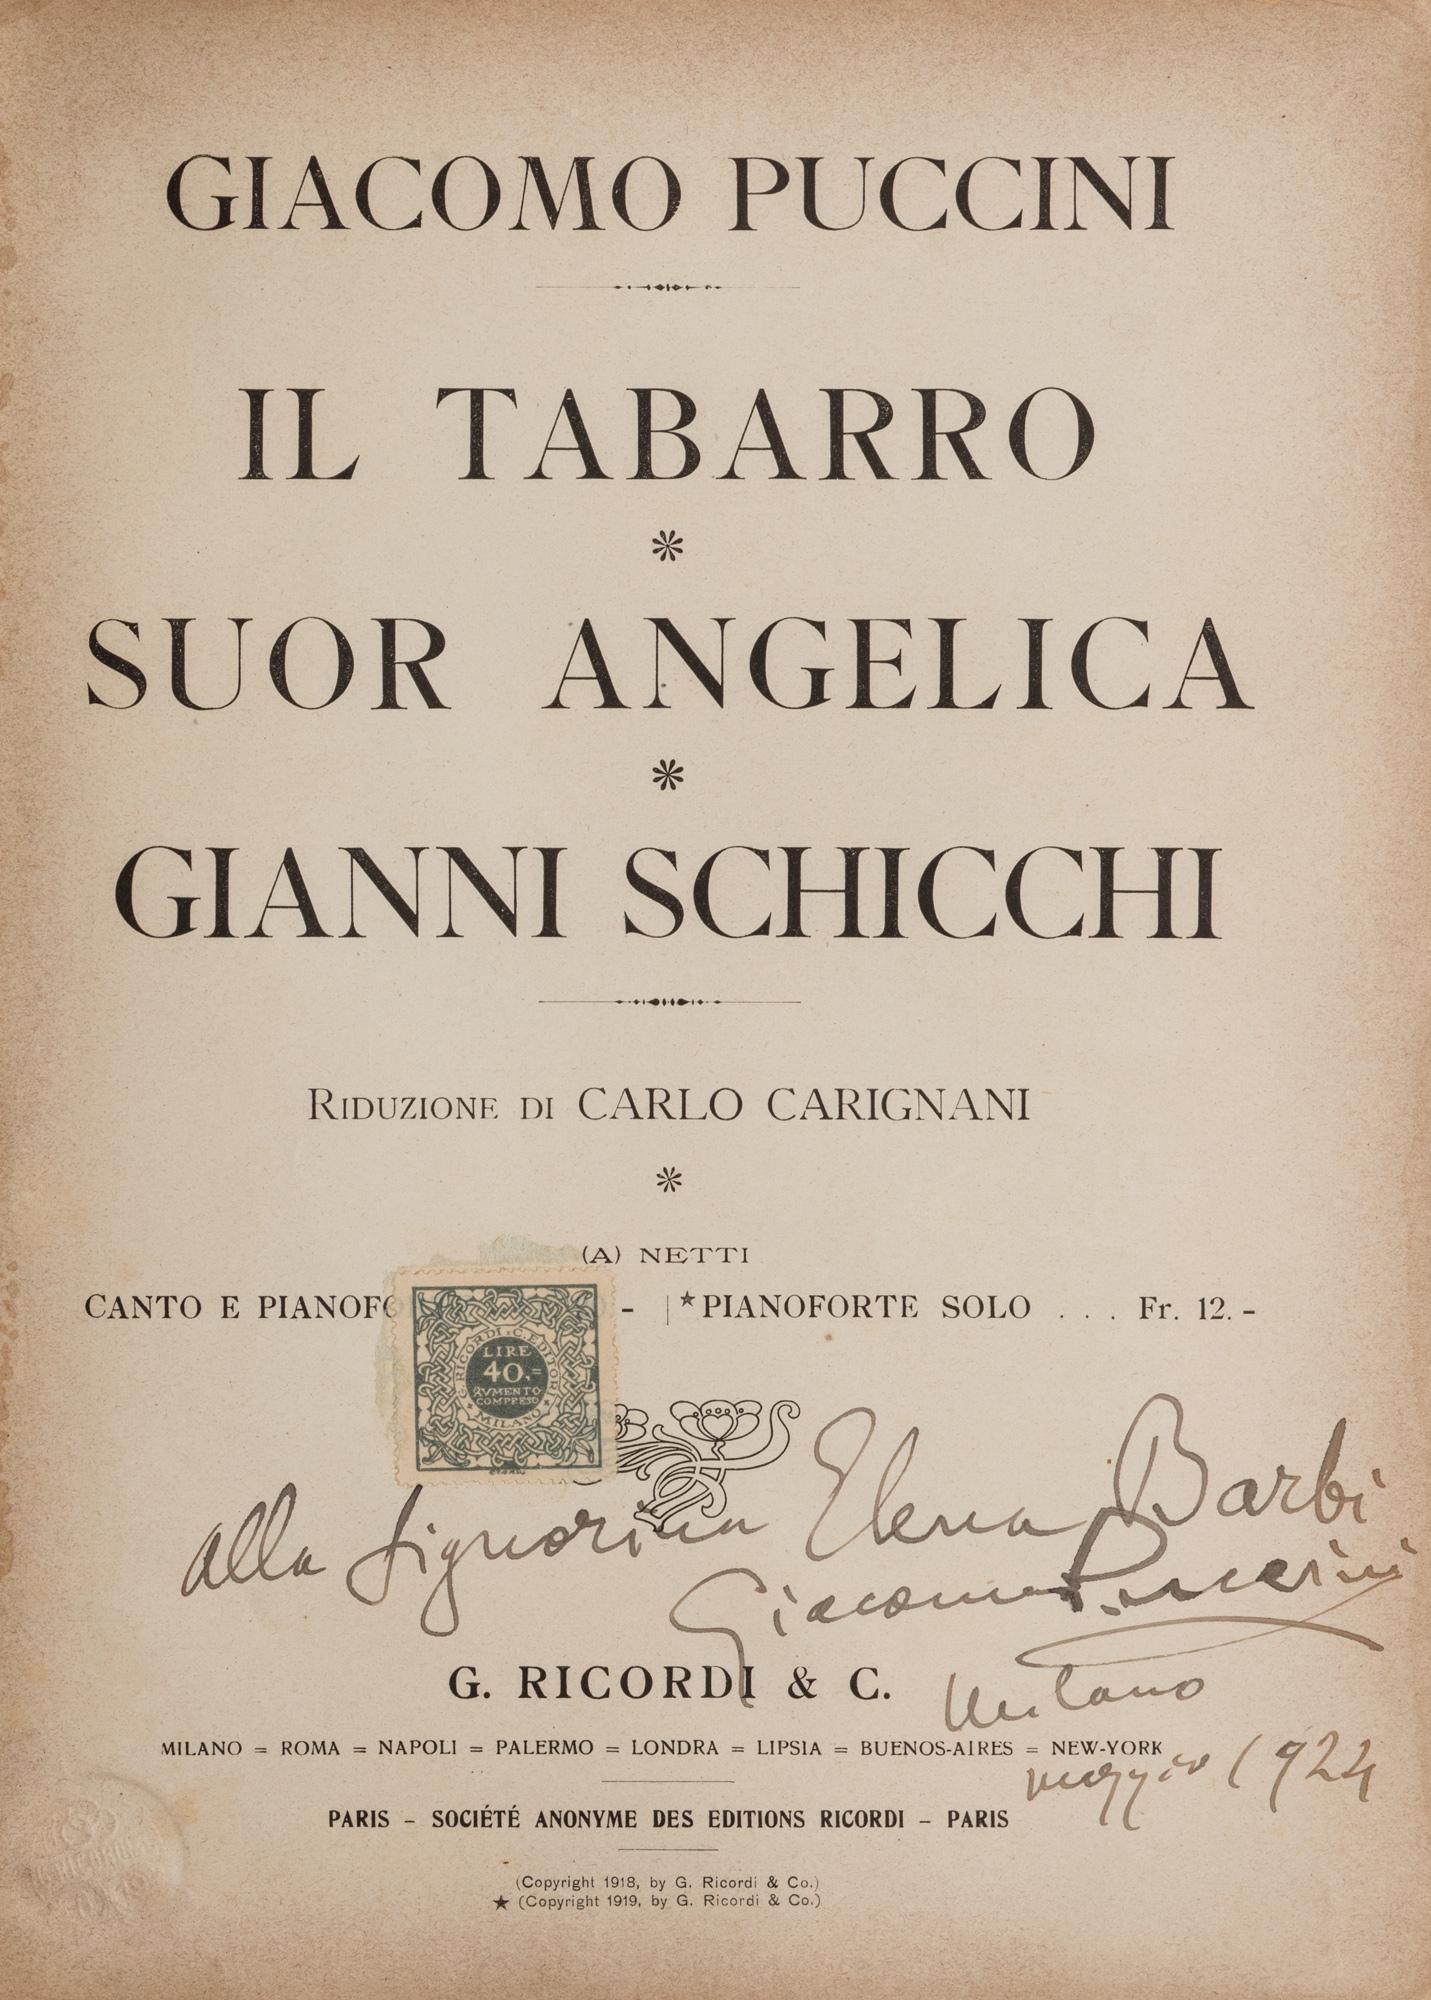 Il Tabarro – Suor Angelica – Gianni Schicchi